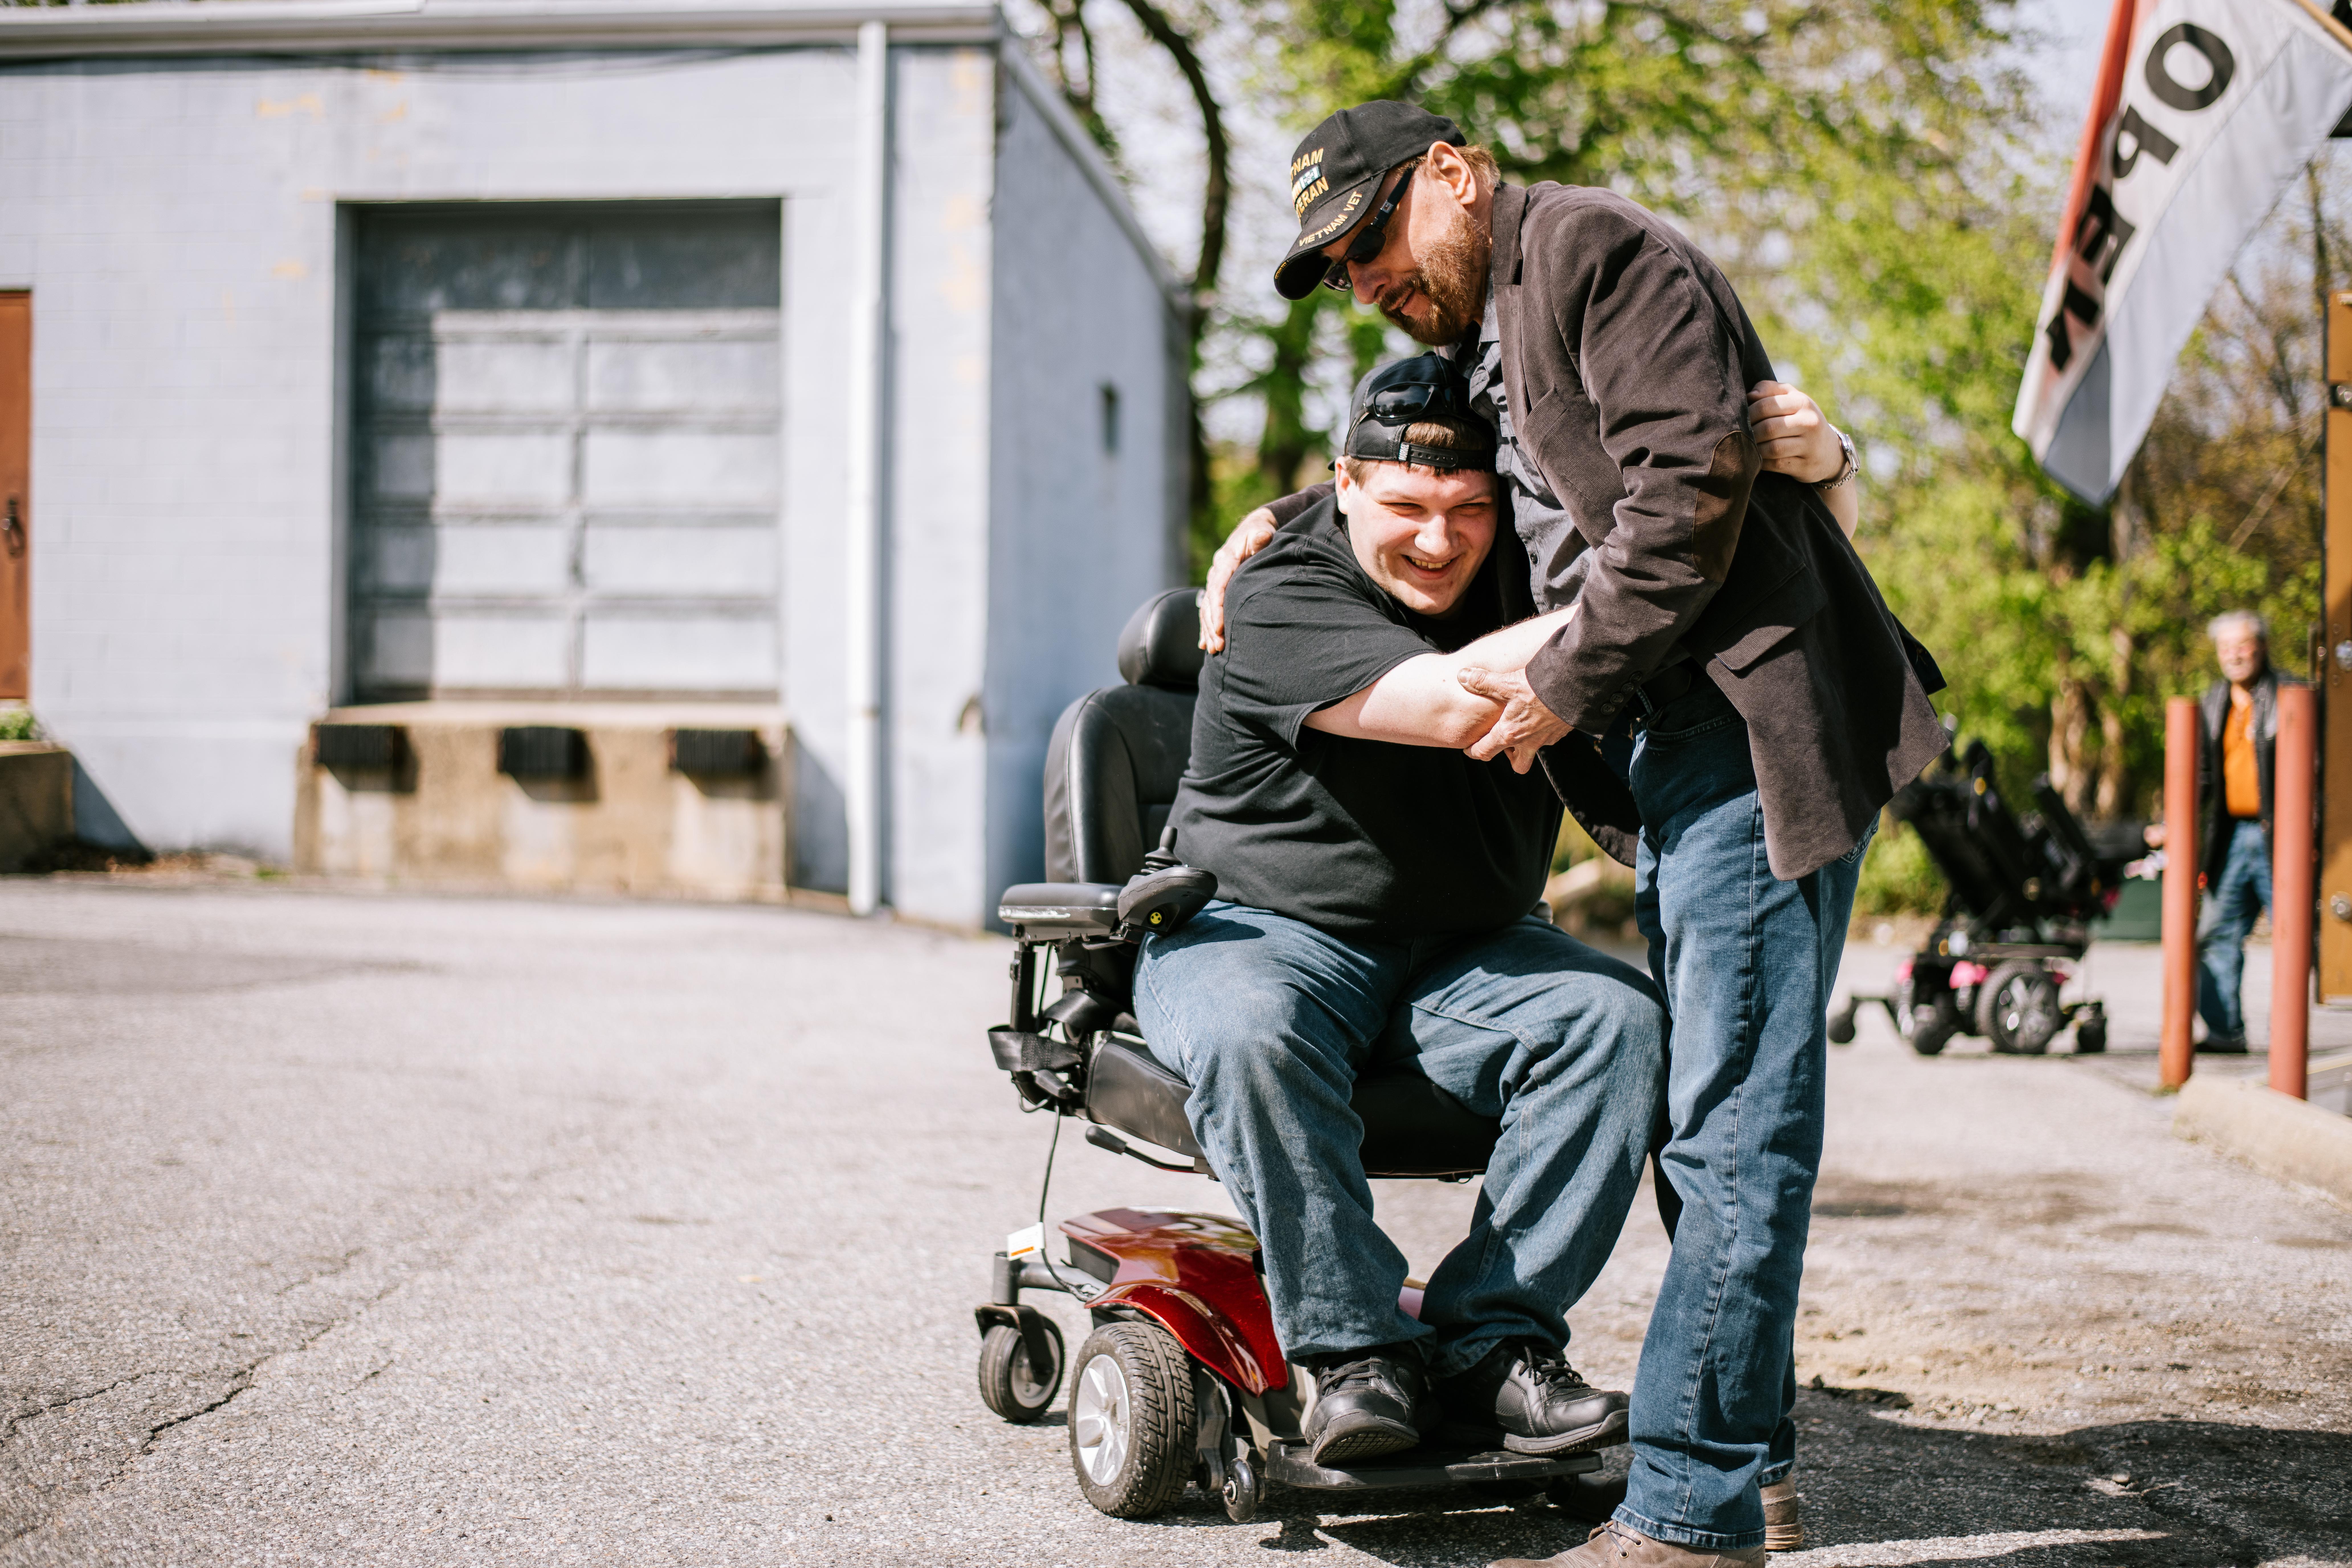 An older man hugs a man in a wheelchair